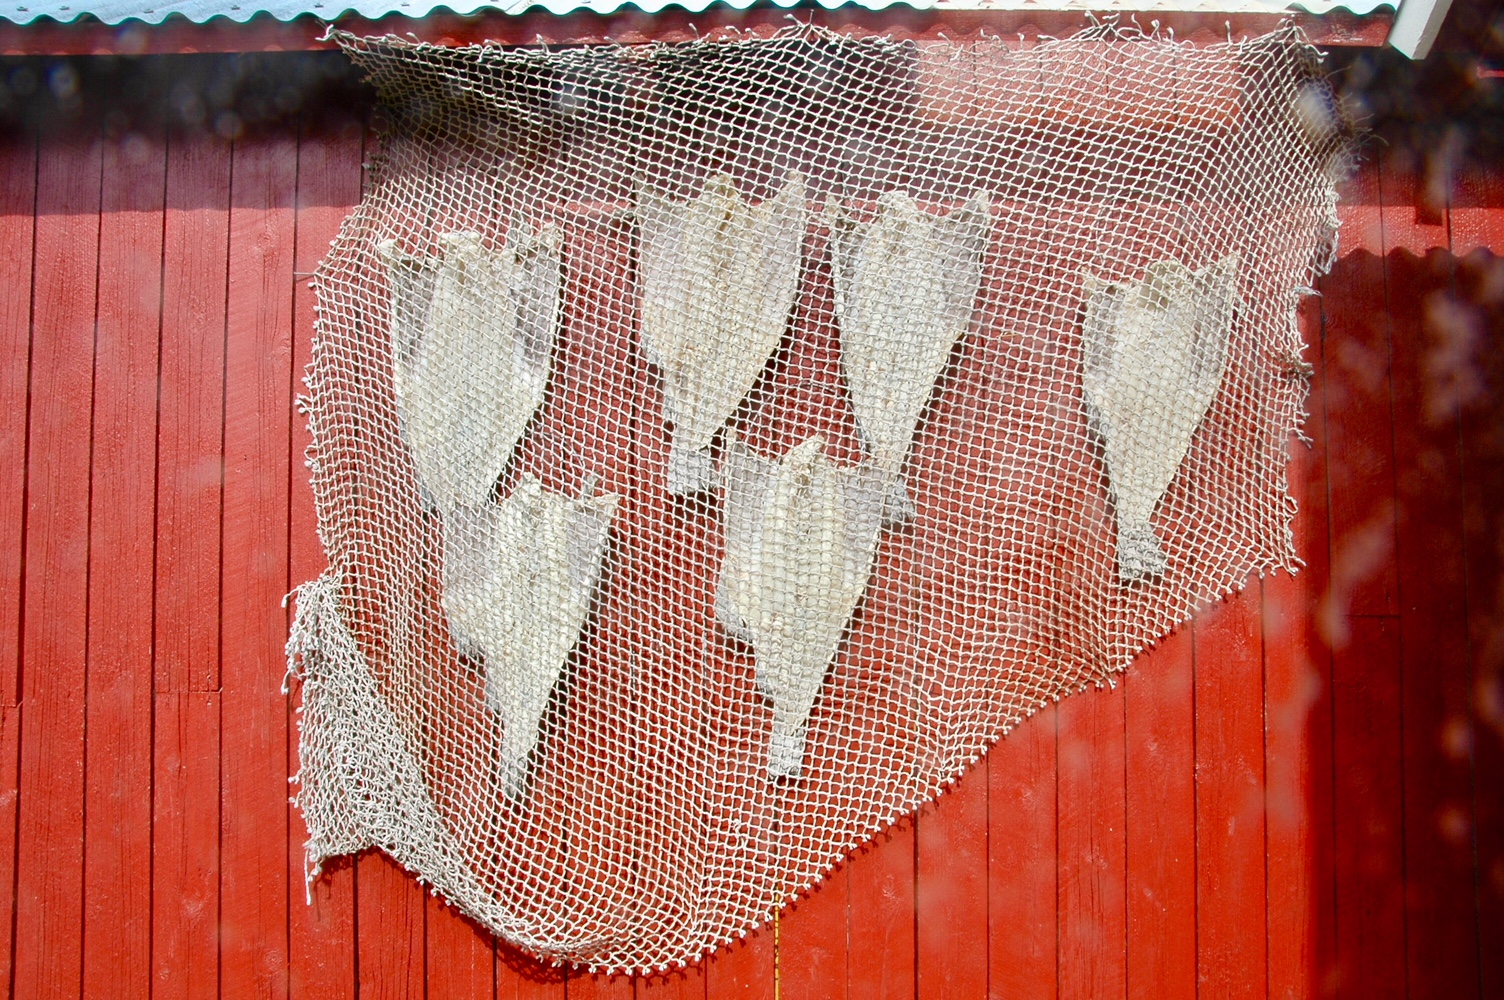 Stoccafissi stesi a essiccare (foto di Germana Cabrelle)